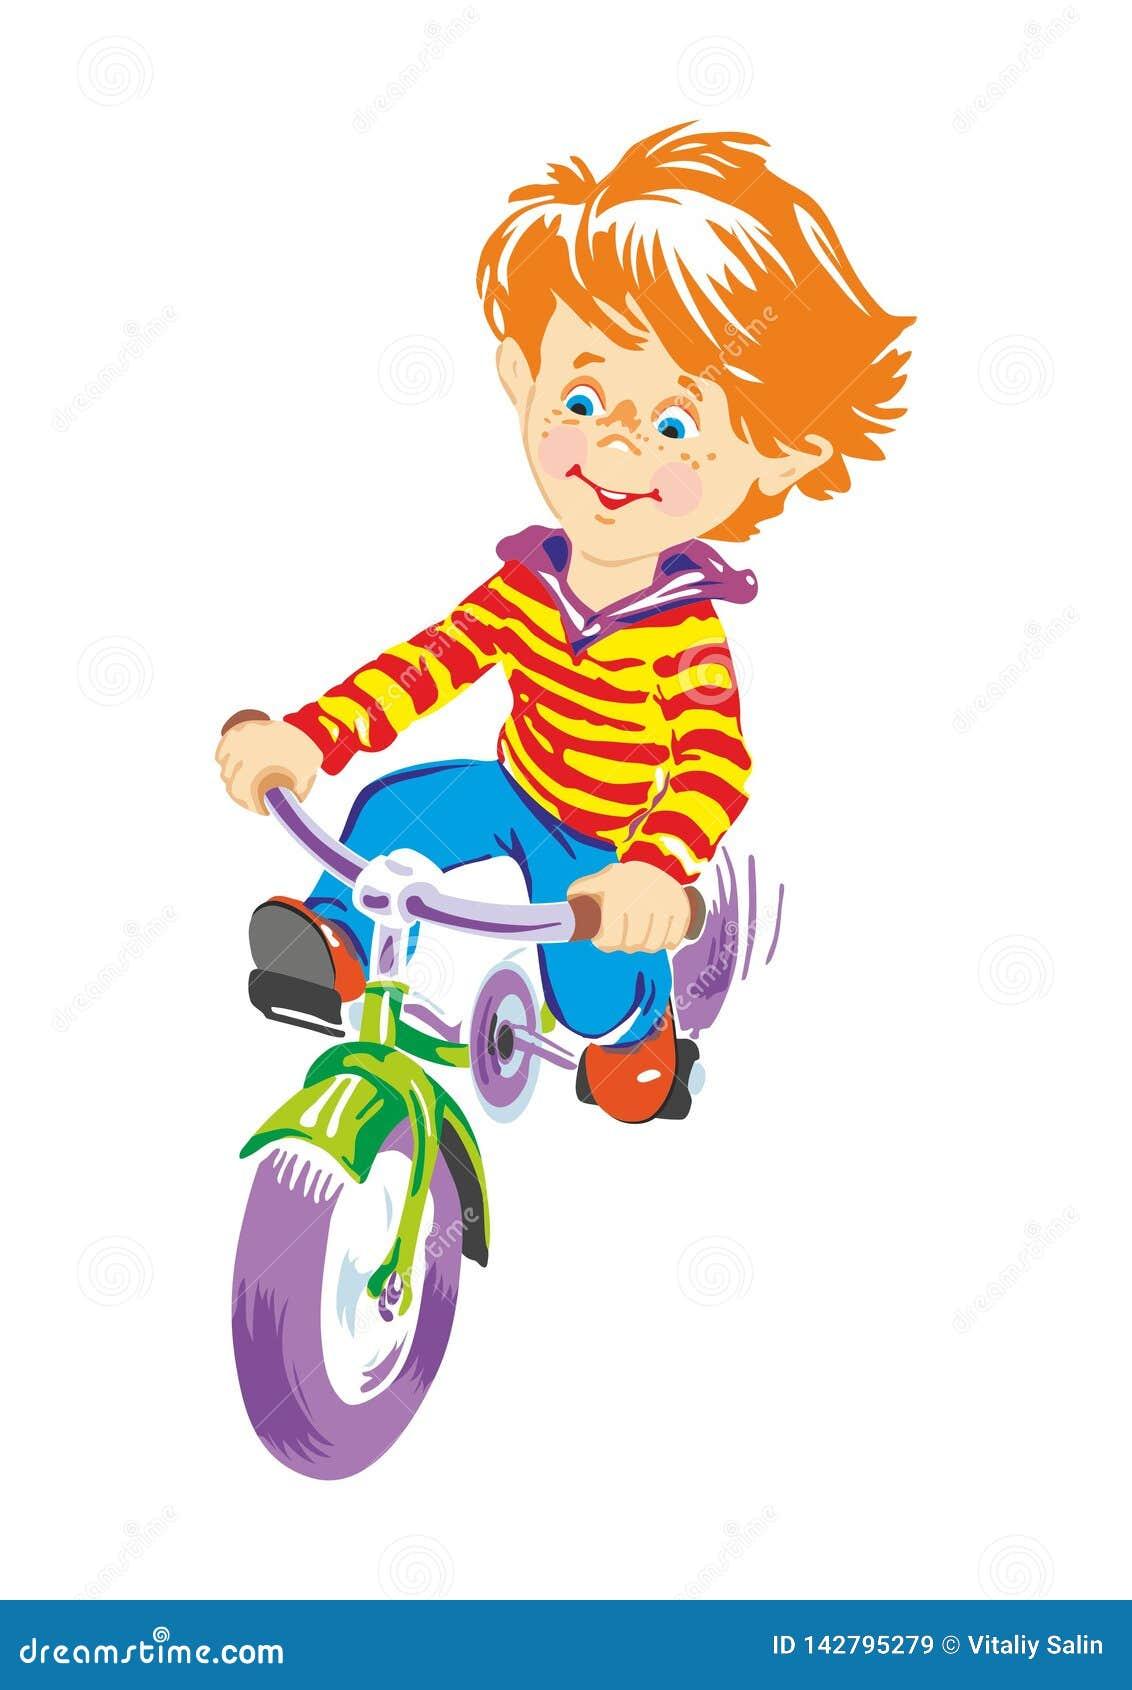 Buntes Bild eines Jungen auf einem Fahrrad